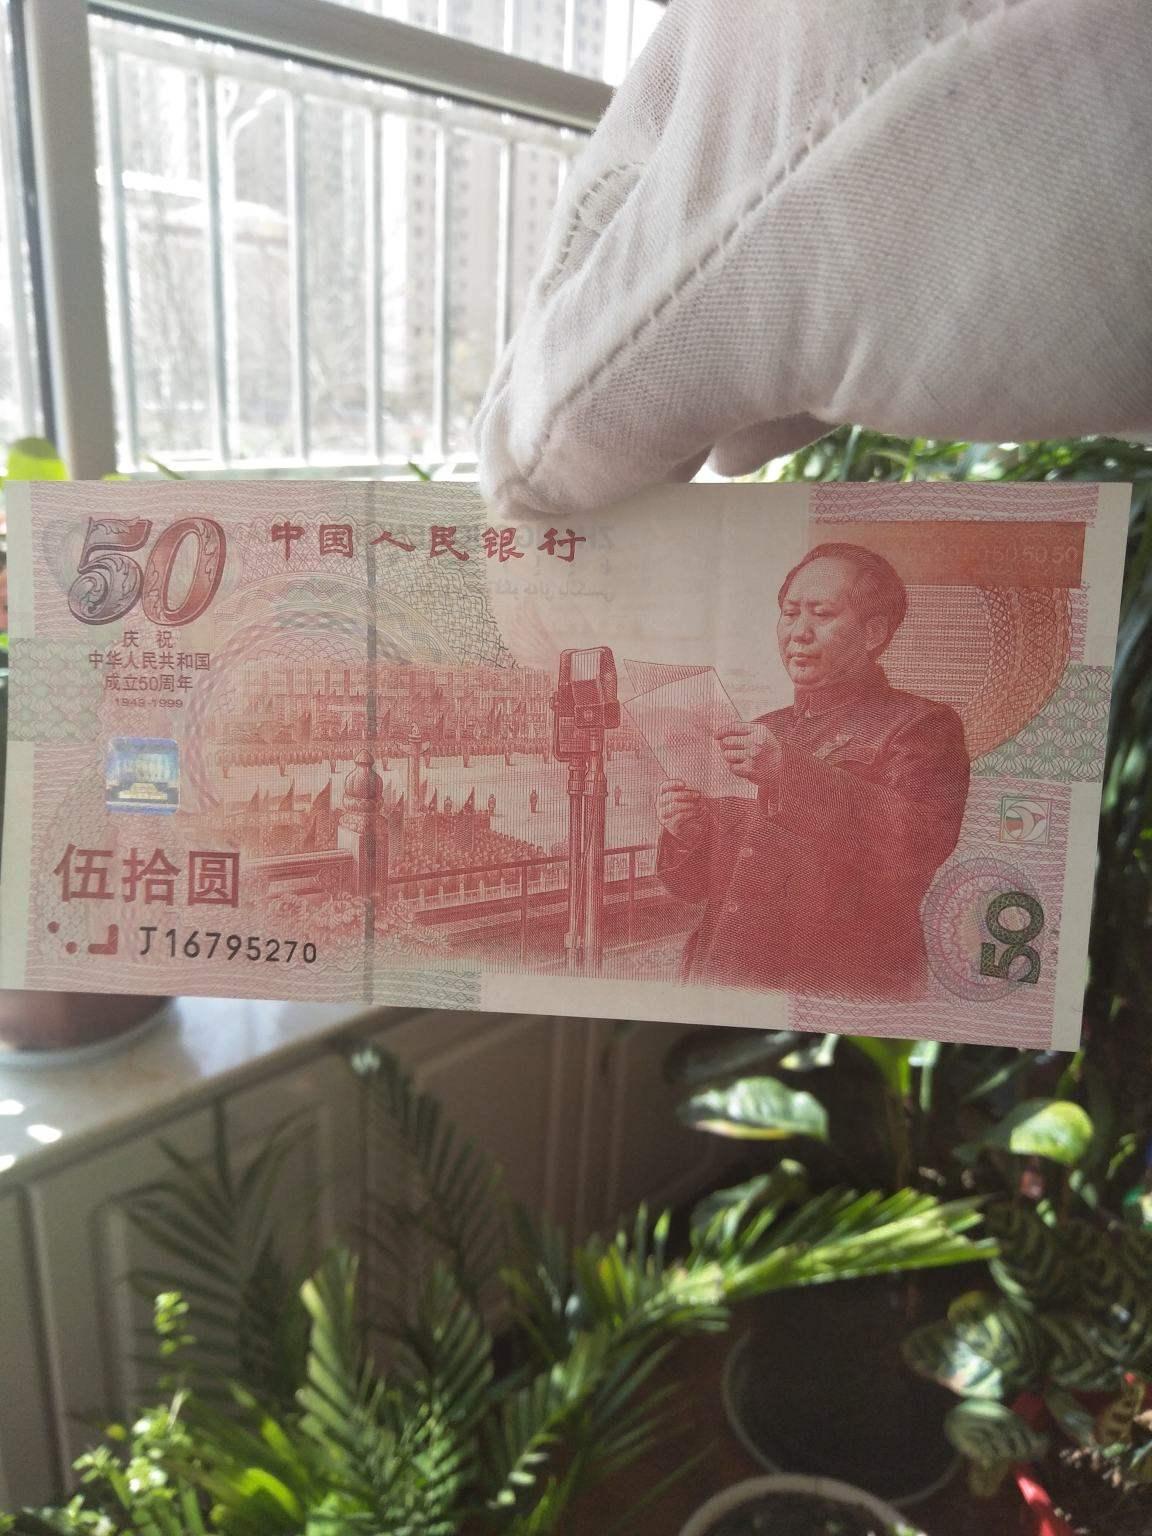 建国50周年纪念钞最新报价是多少?是否还有上涨的空间?